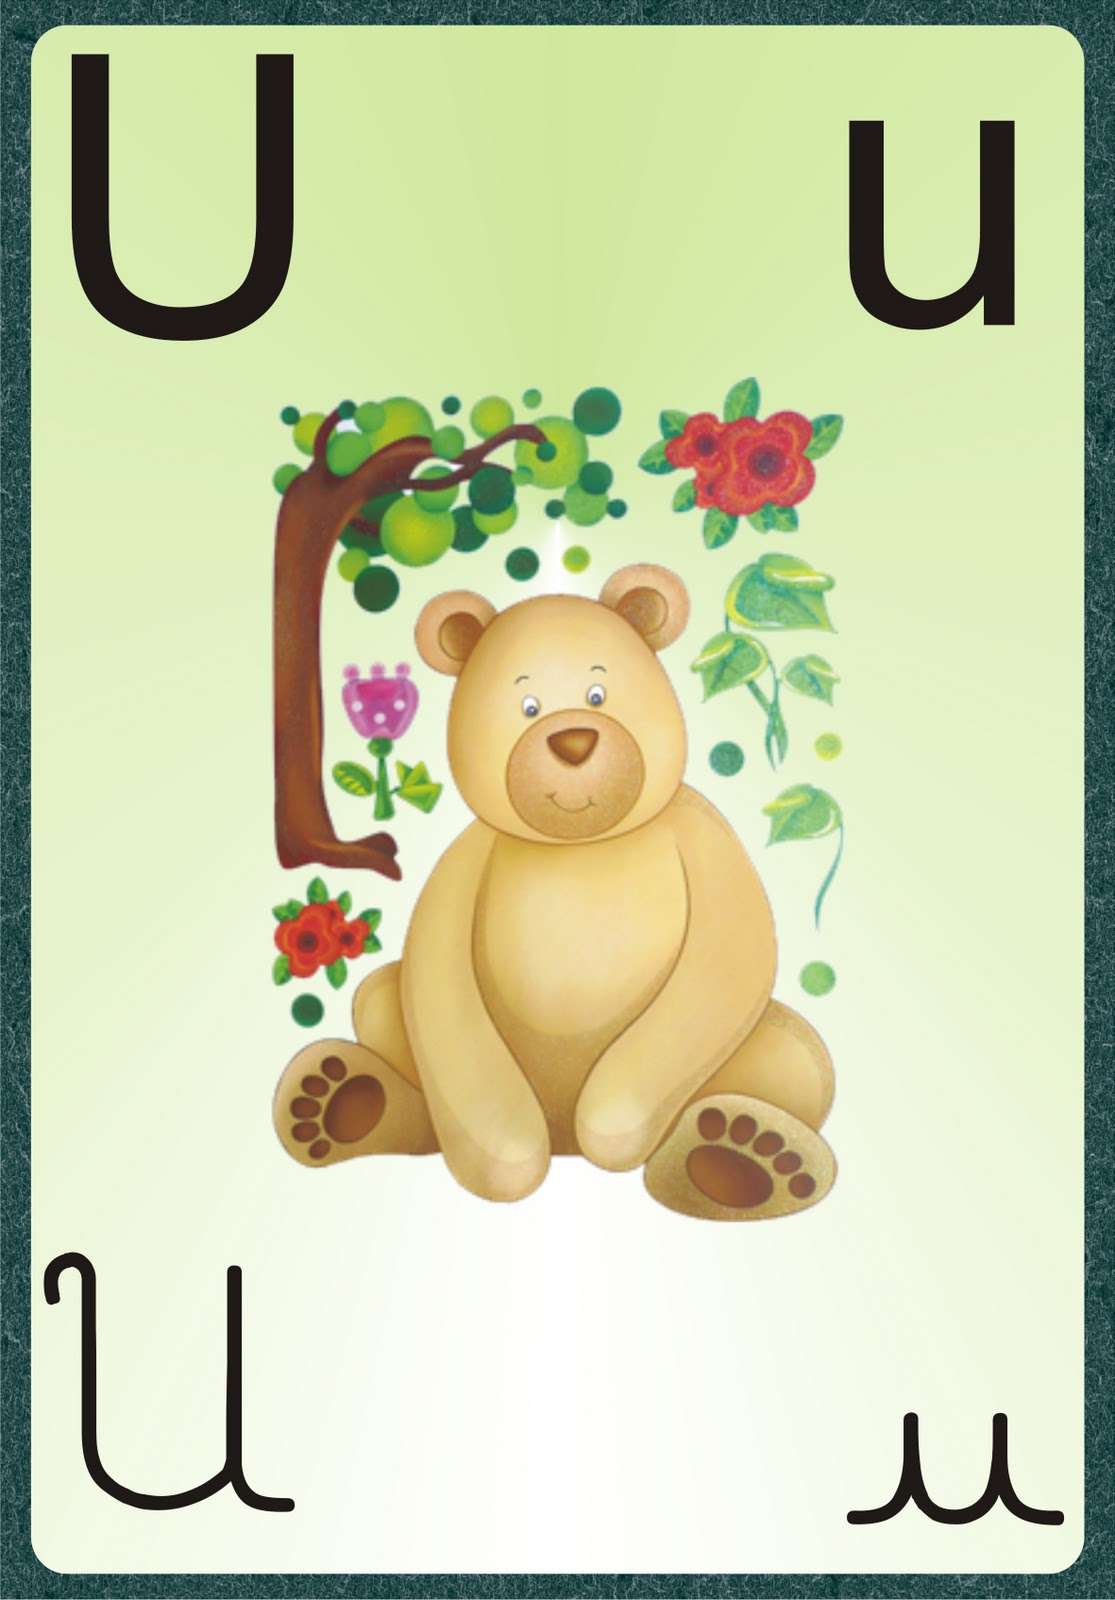 imagens de coisas com as letras do alfabeto para colorir